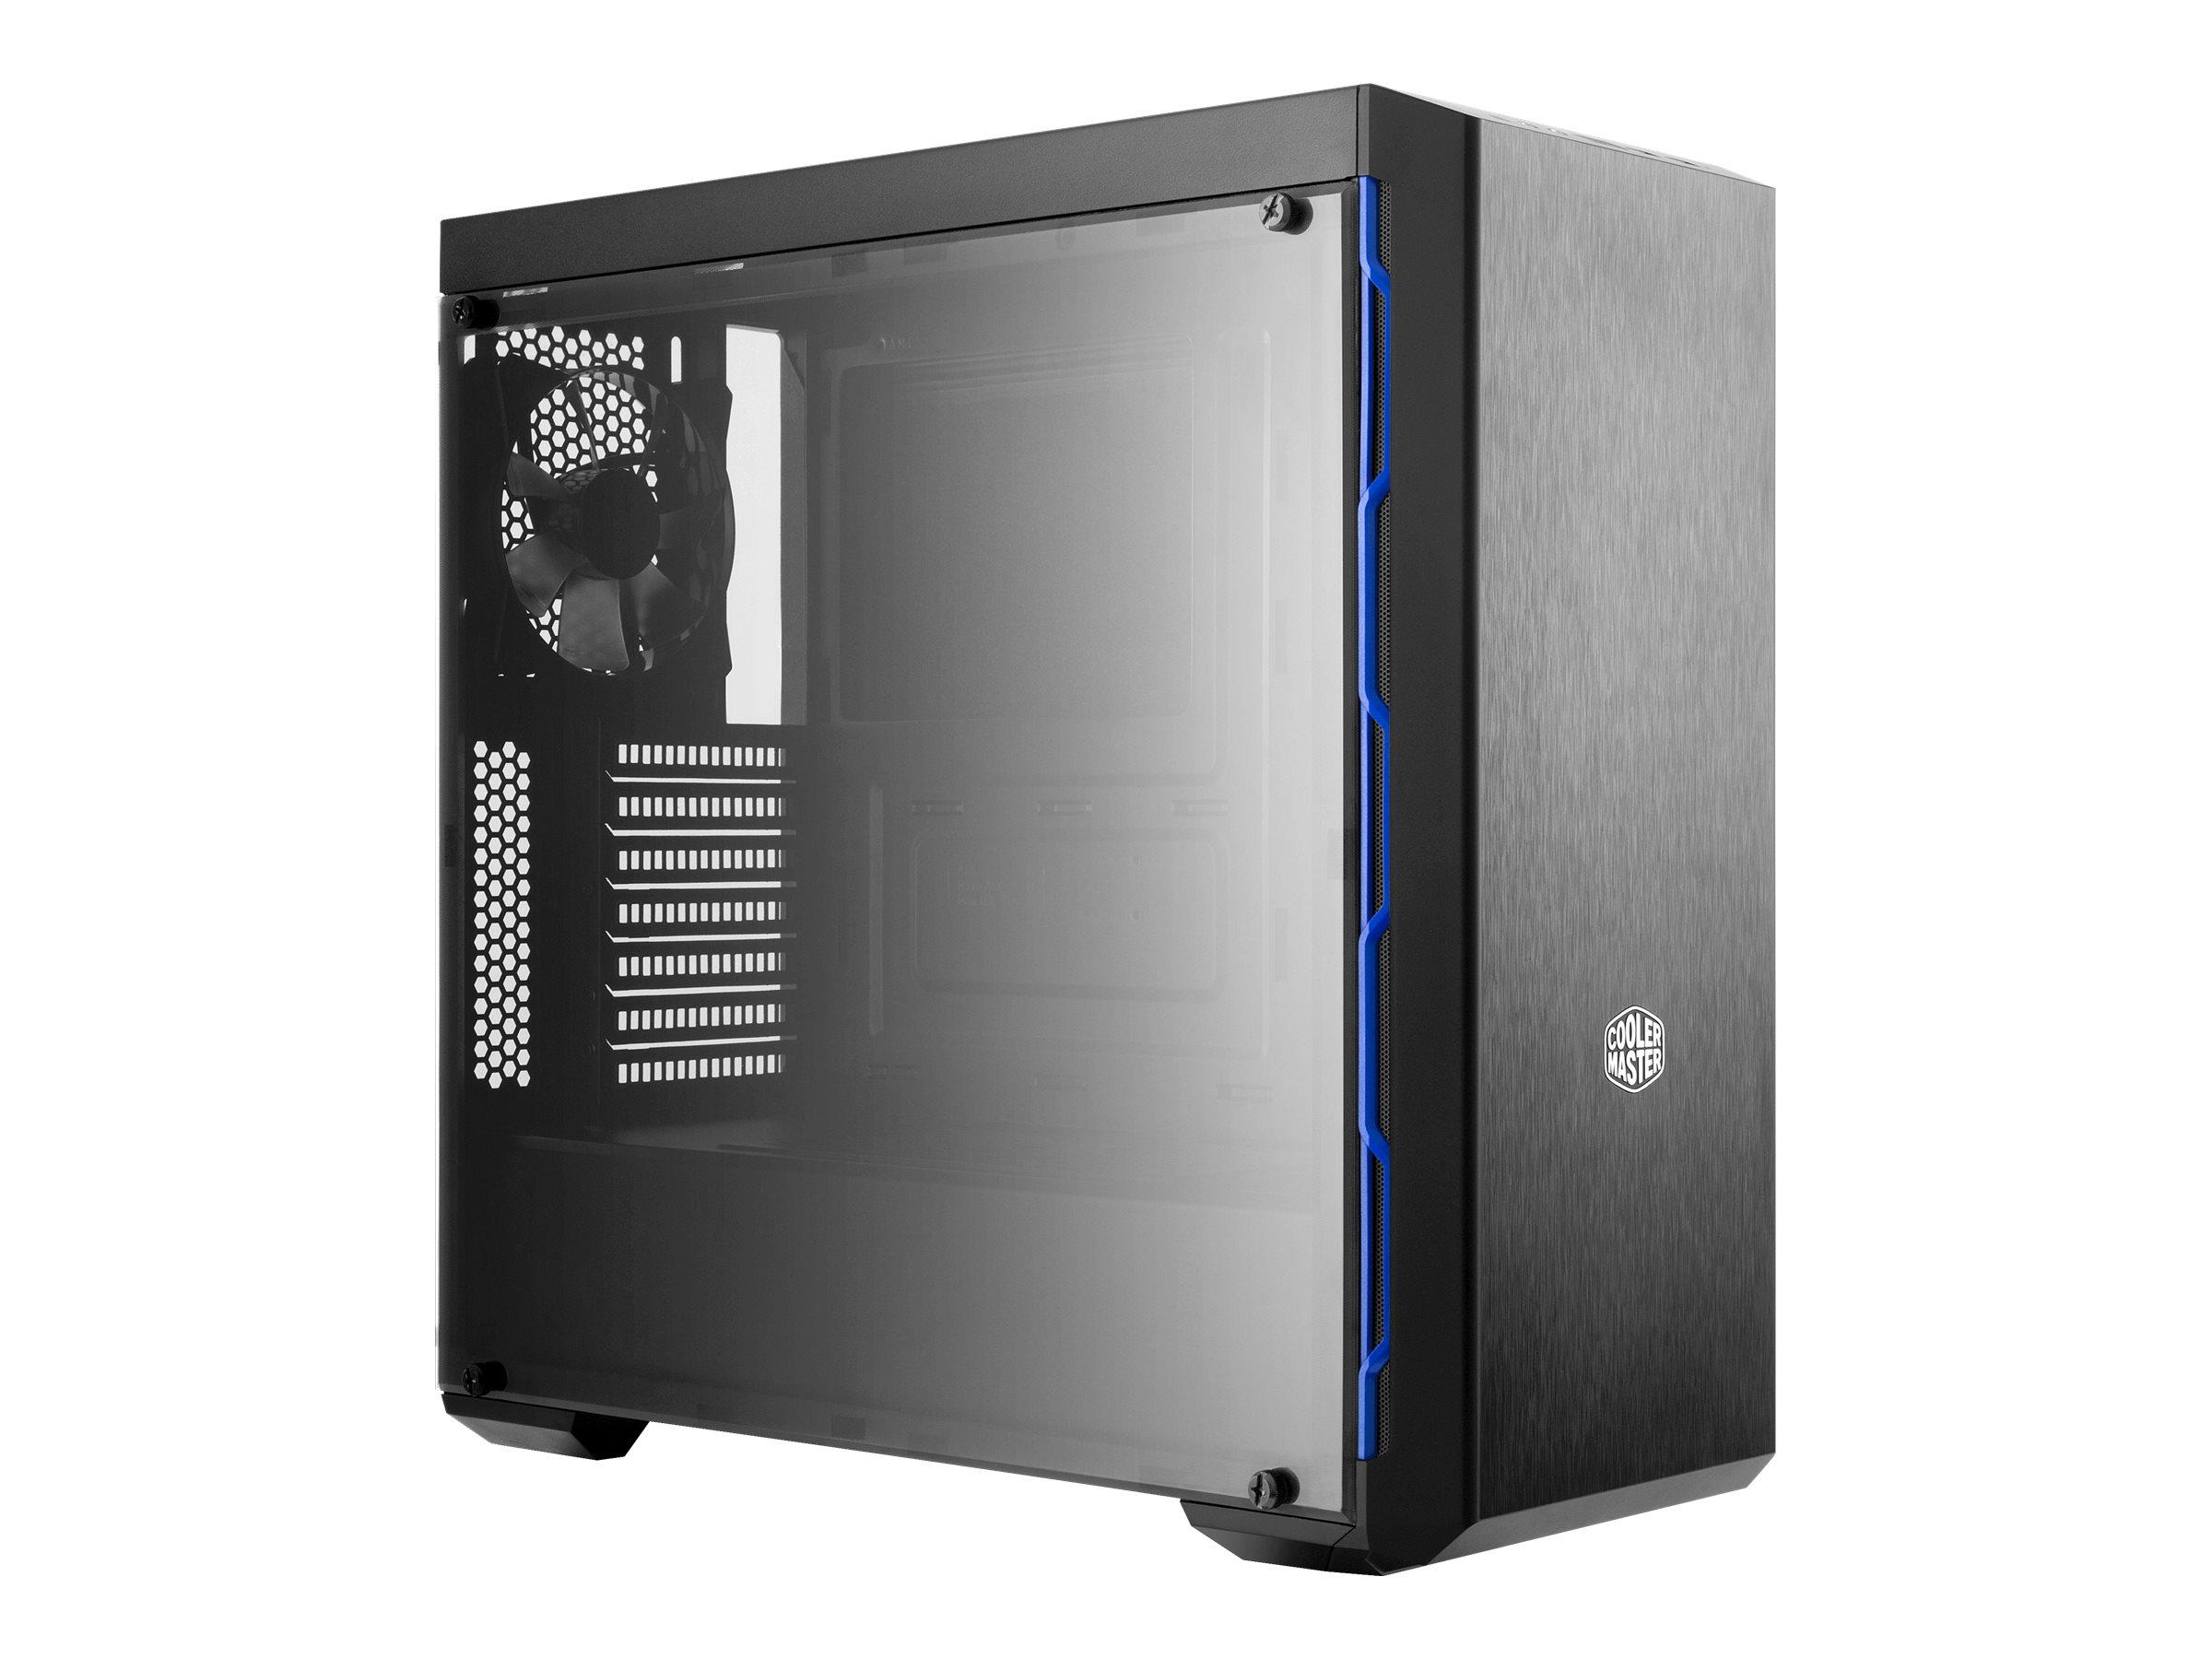 Vorschau: Cooler Master MasterBox MB600L - Tower - ATX - ohne Netzteil (ATX)